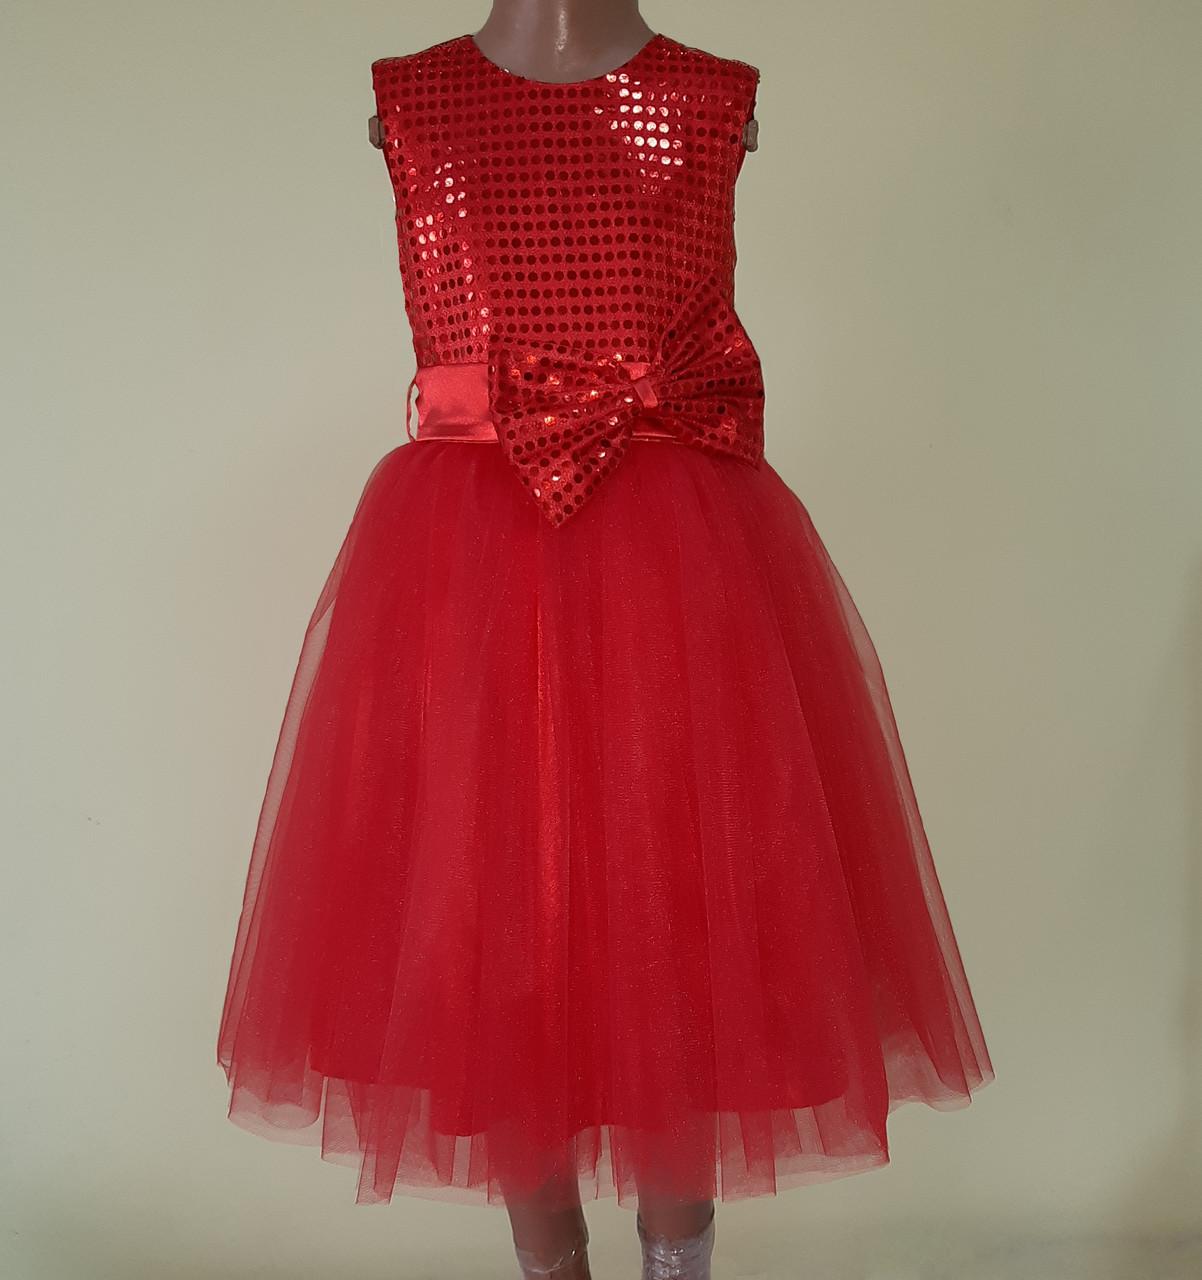 Святкова дитяча сукня «Блиск», червона